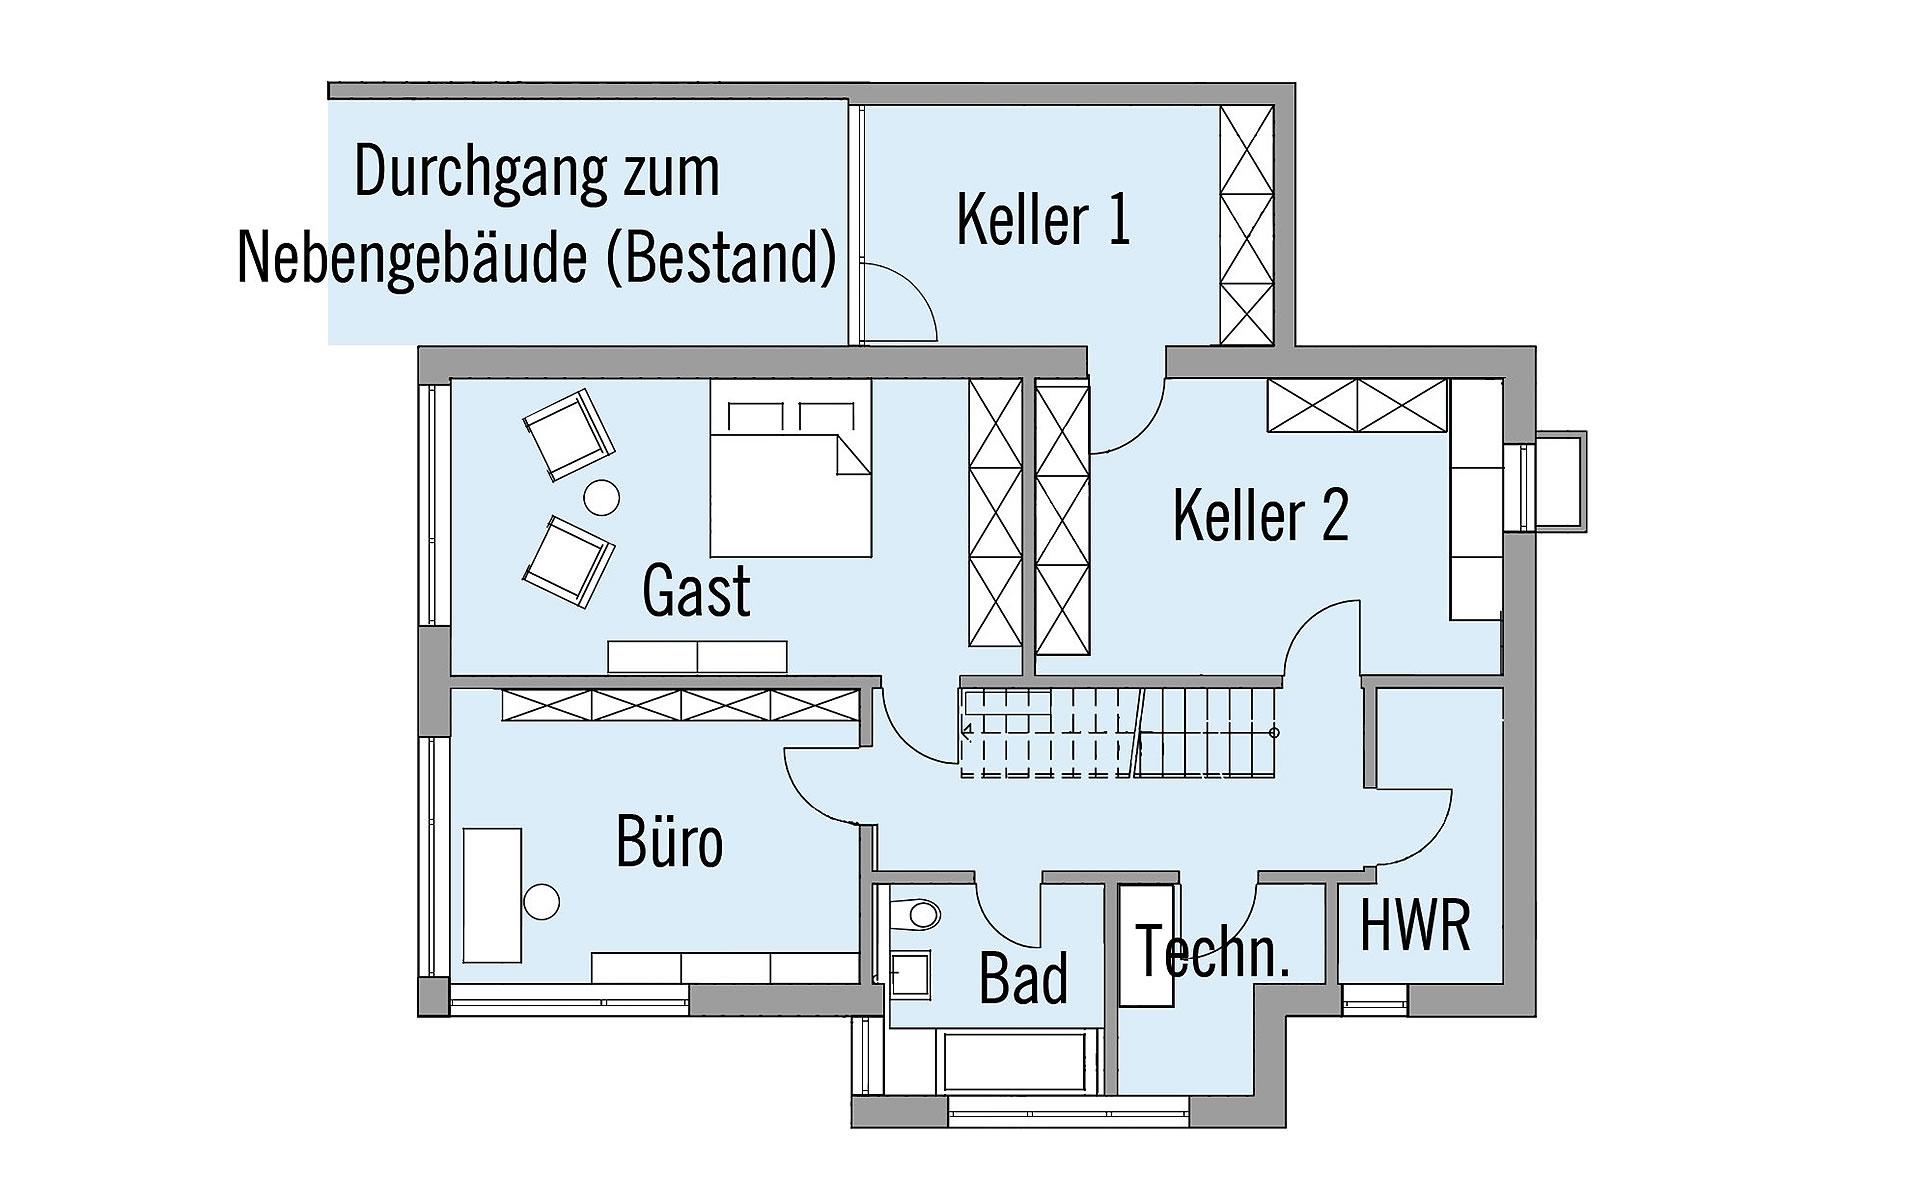 Keller Wiesenhütter von Bau-Fritz GmbH & Co. KG, seit 1896